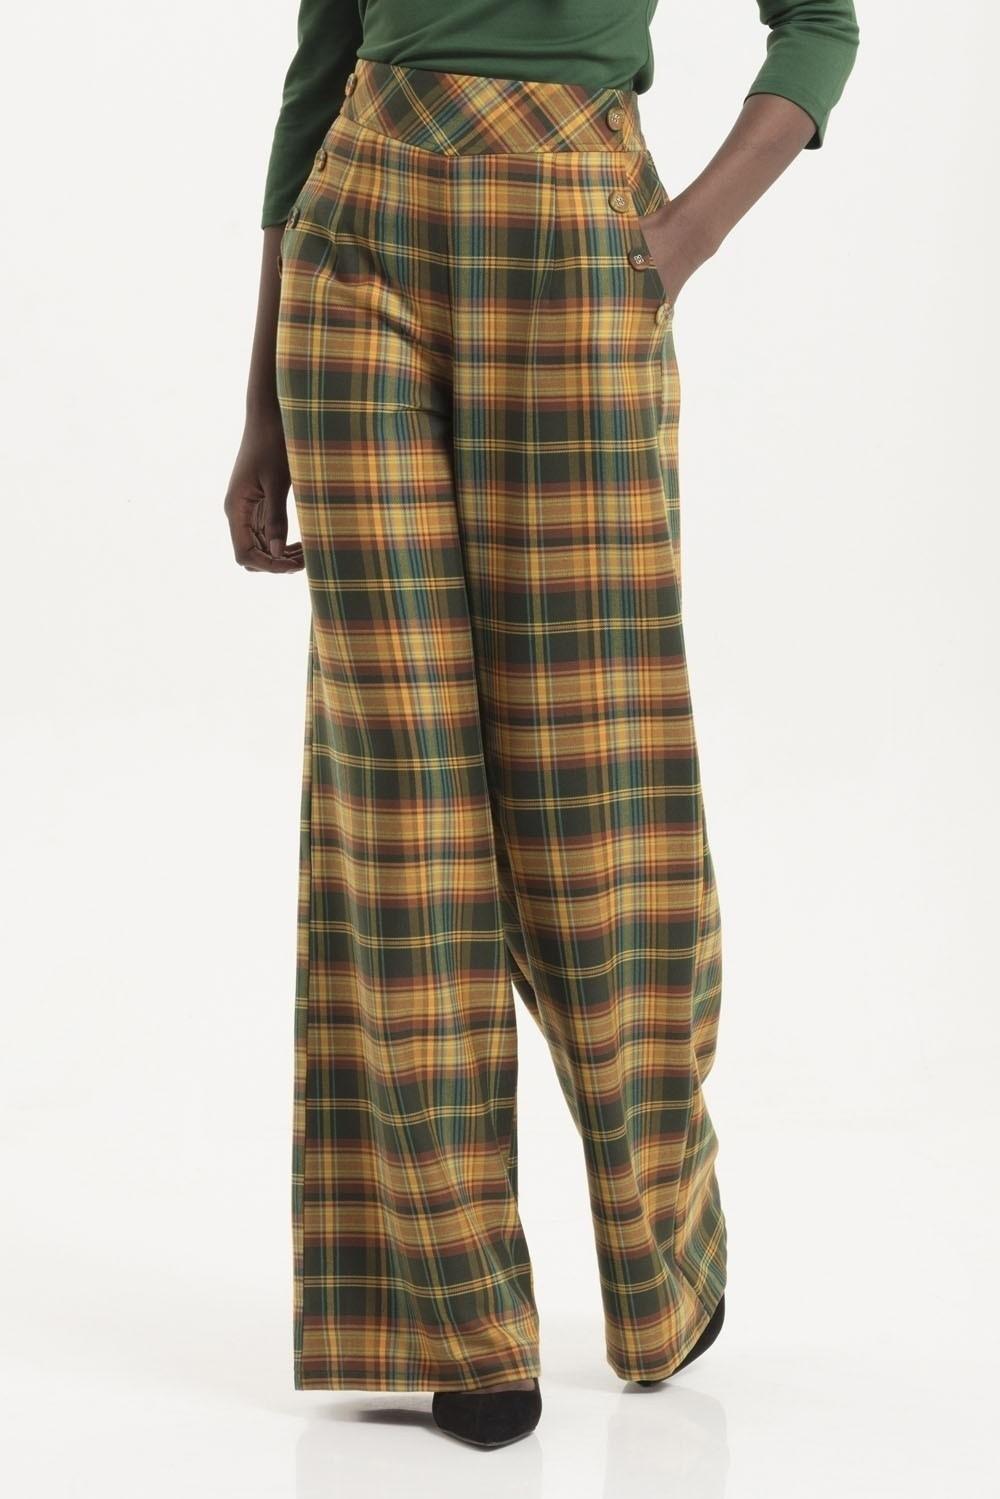 Broek hoge taille Nancy, tartan geel en groen